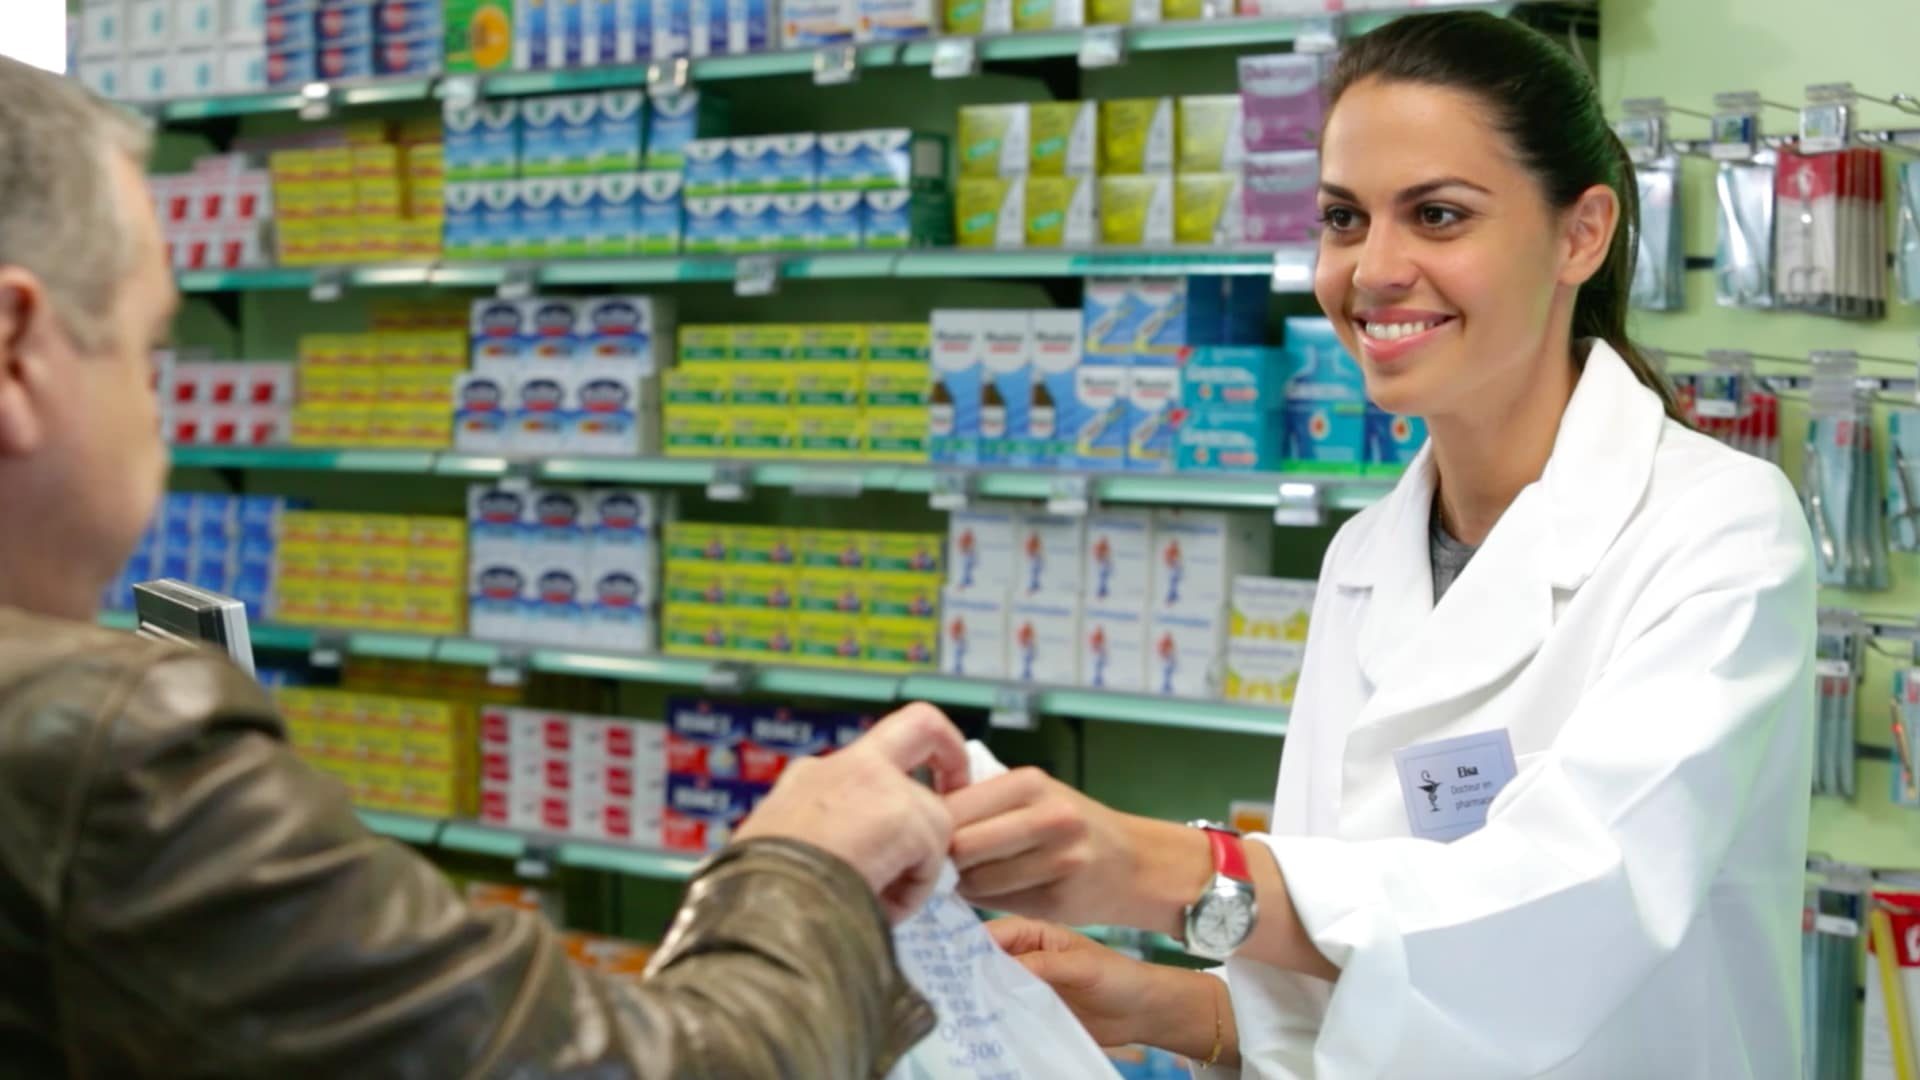 comment développer CRM pharmacie